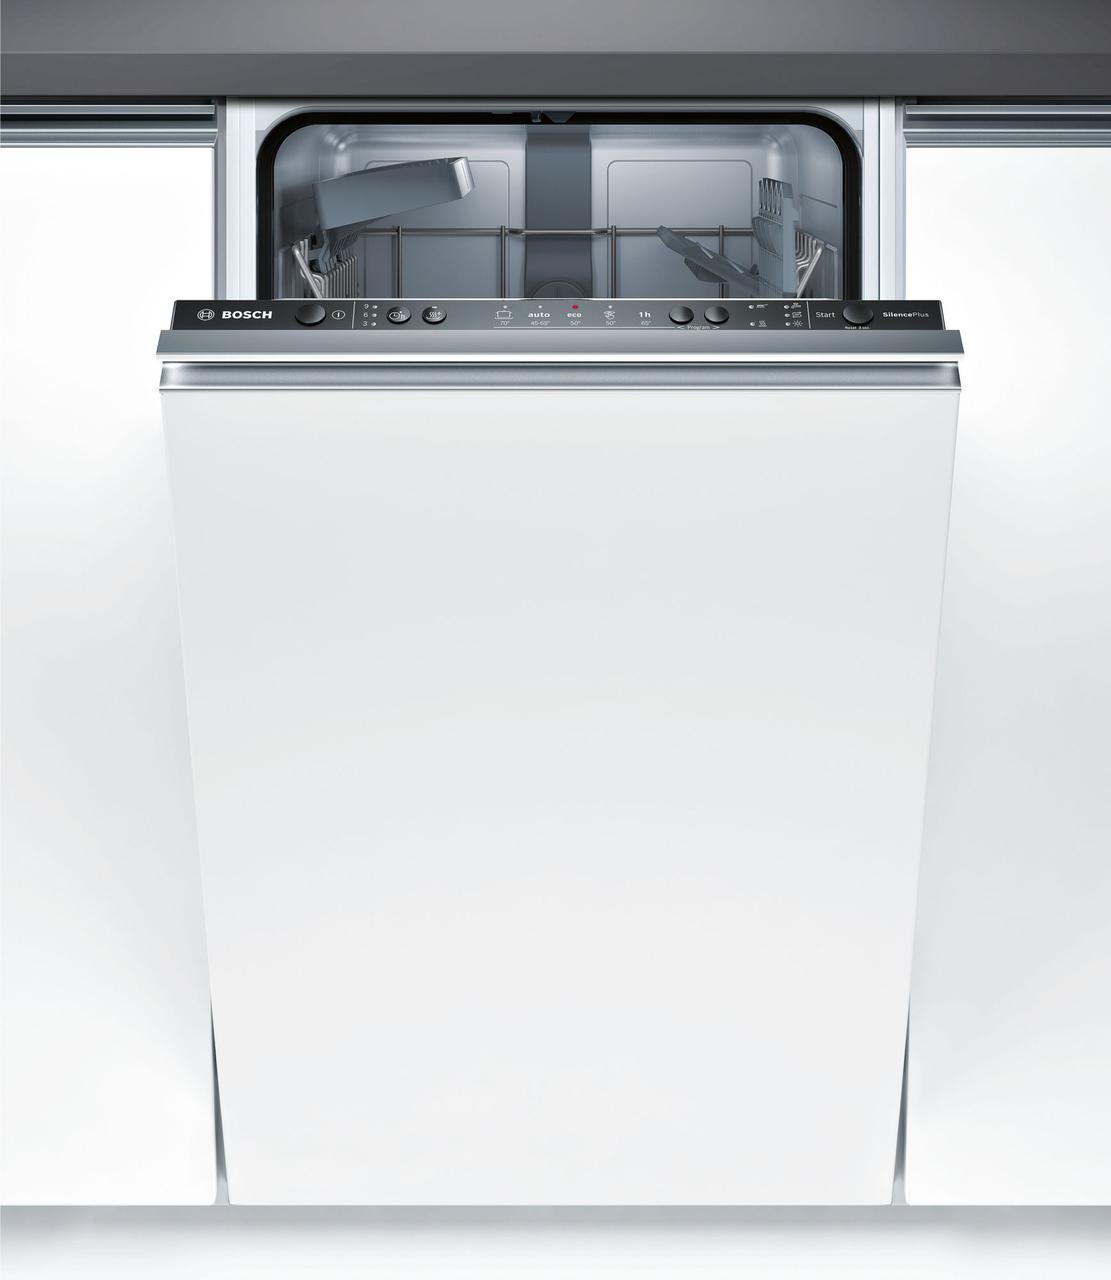 Встраиваемая посудомойка Bosch SPV25CX00E